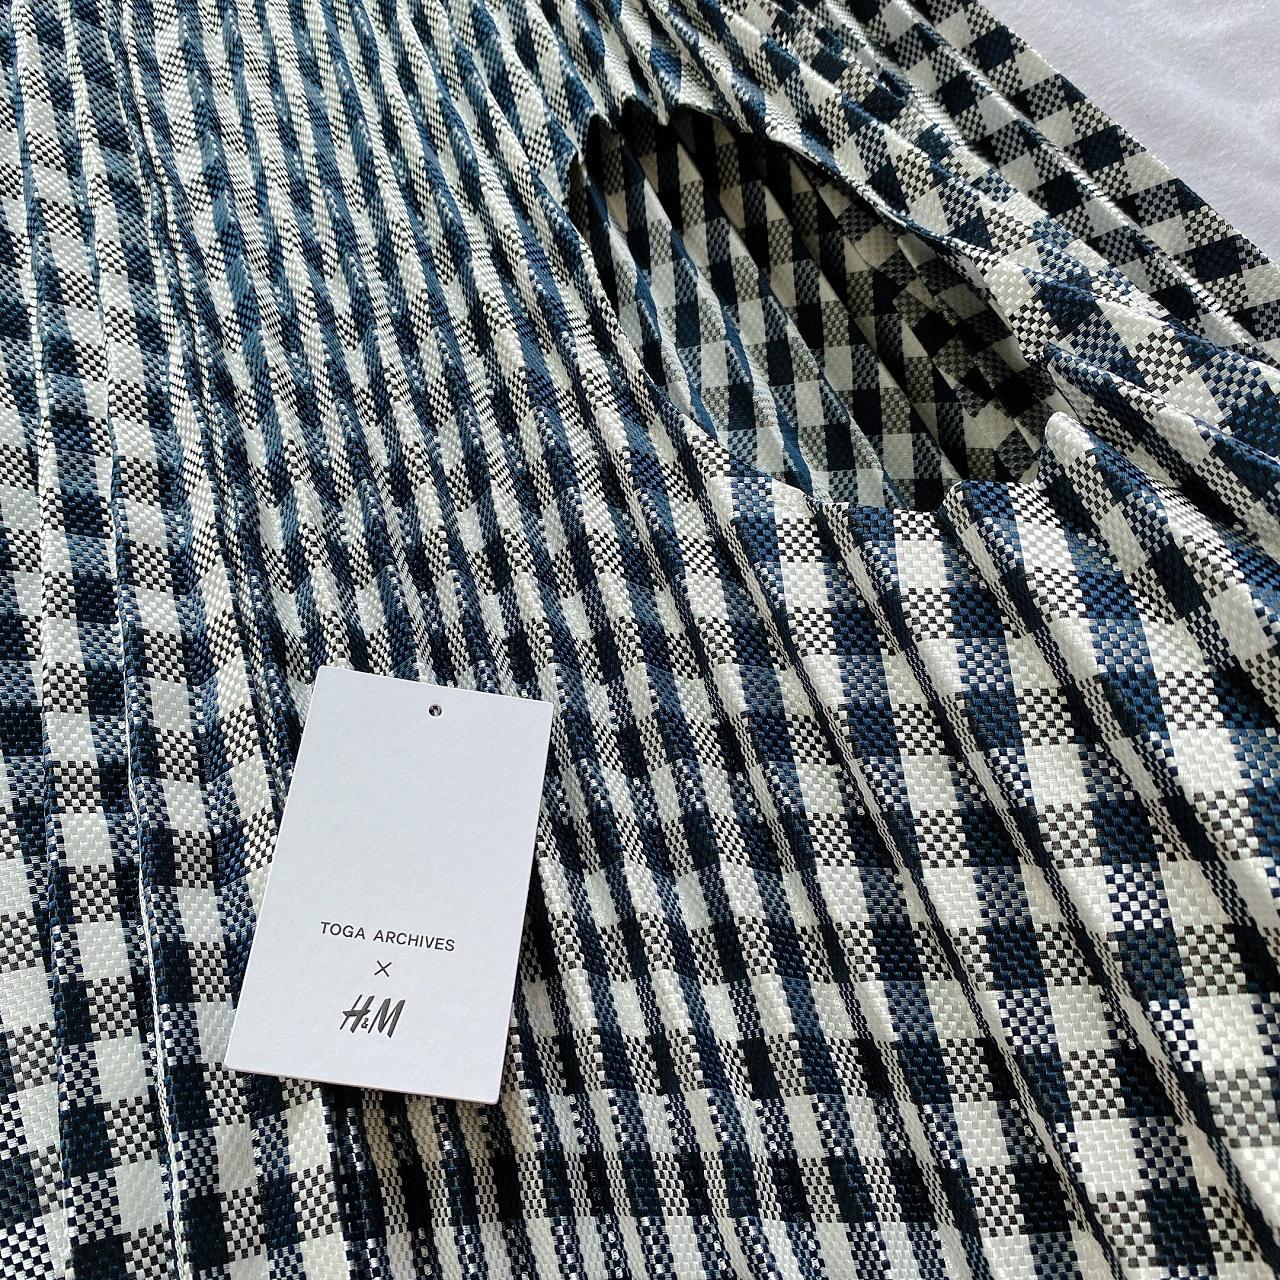 アラフィーはこう着る!Toga Archives x H&M コラボコレクションの戦利品_1_2